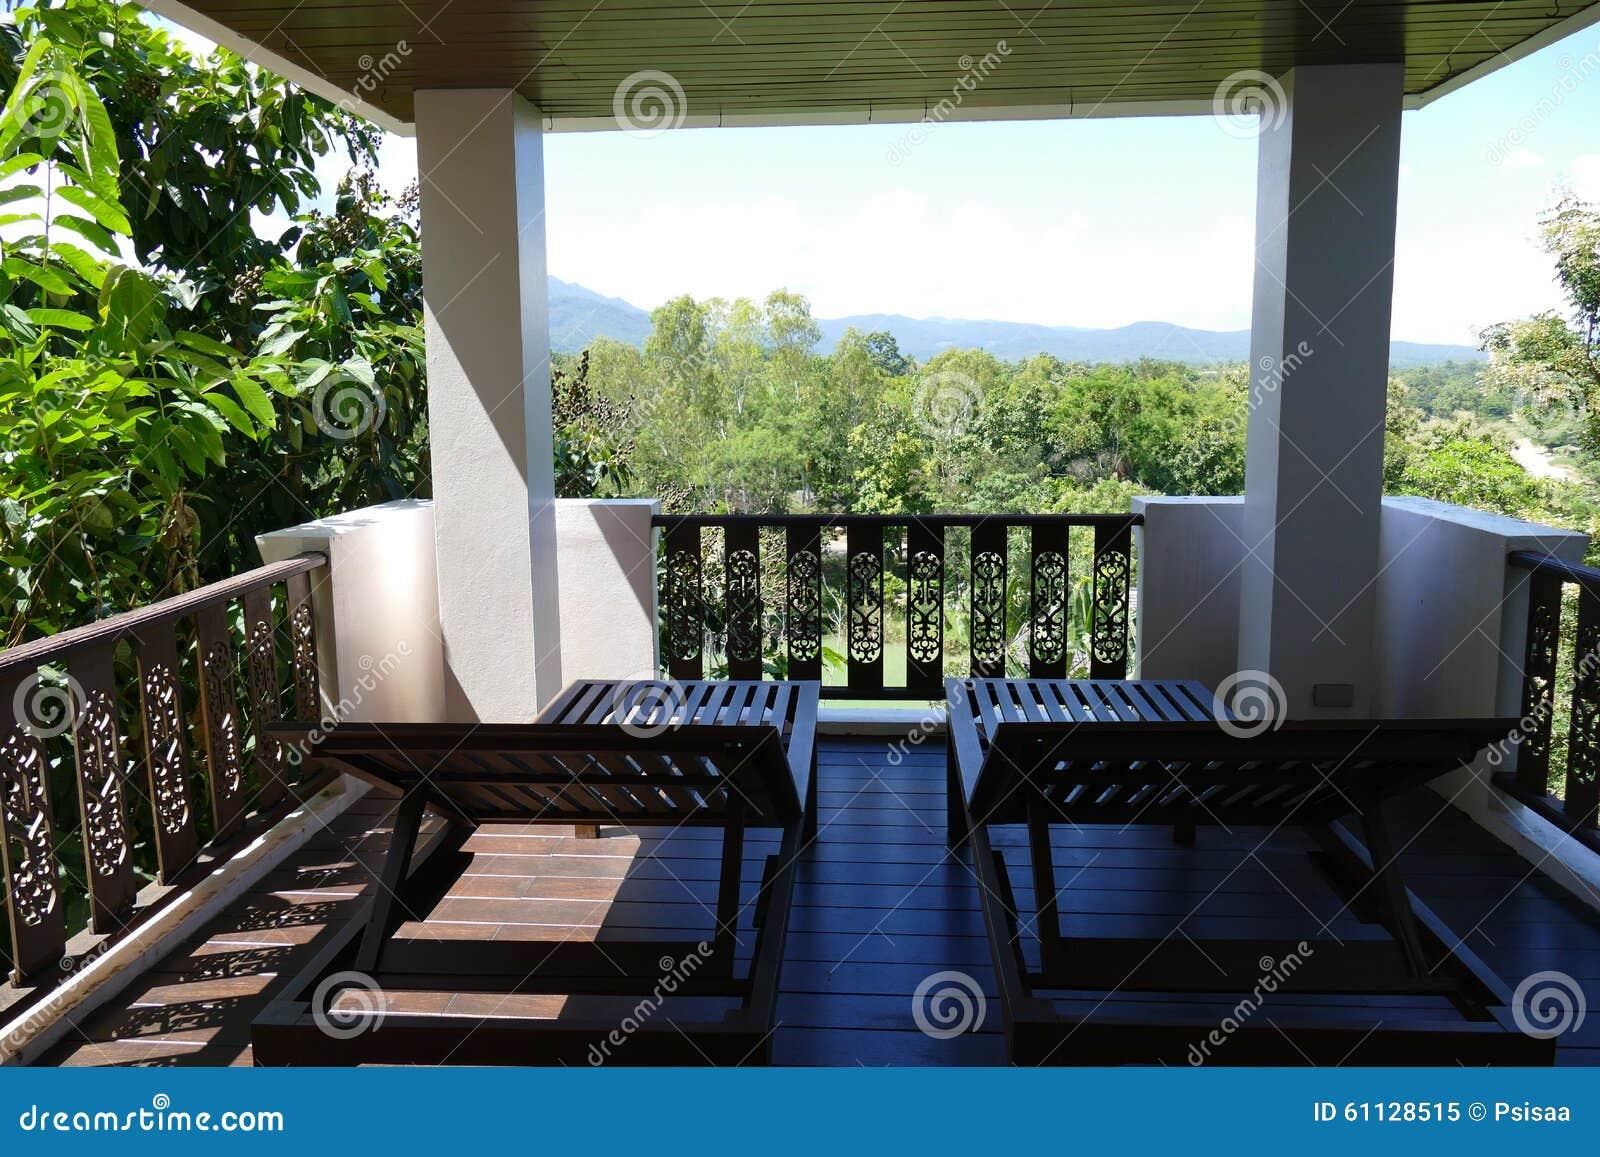 Sedia A Sdraio In Legno : Sedia a sdraio di legno al balcone con la vista del cielo e della